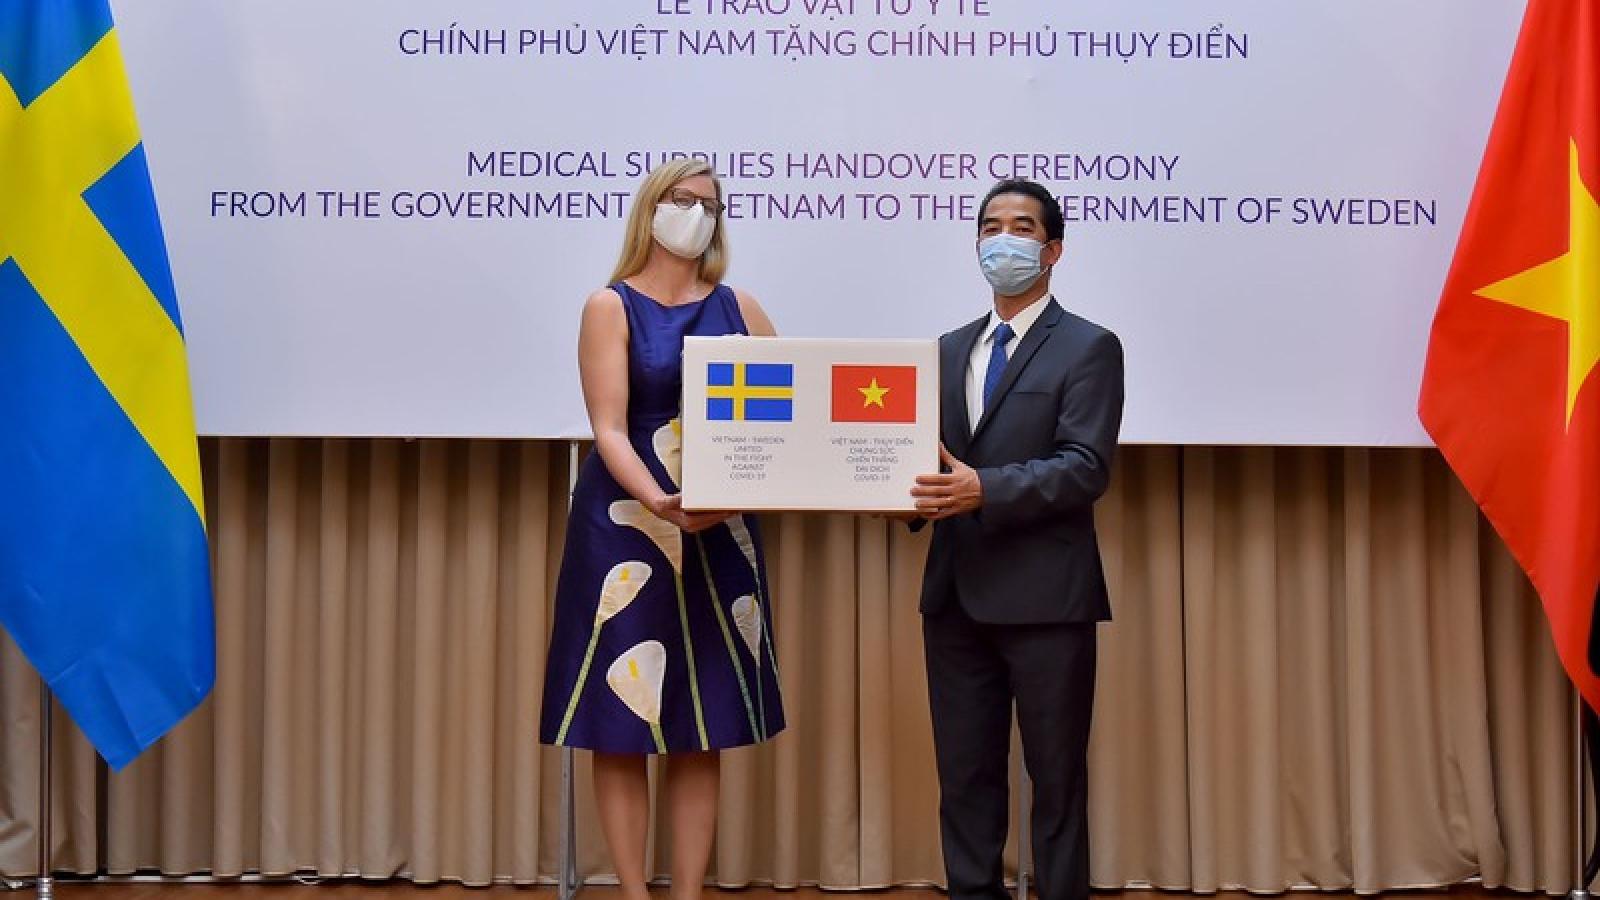 Việt Nam trao vật tư y tế giúp đỡ nhân dân Thụy Điển